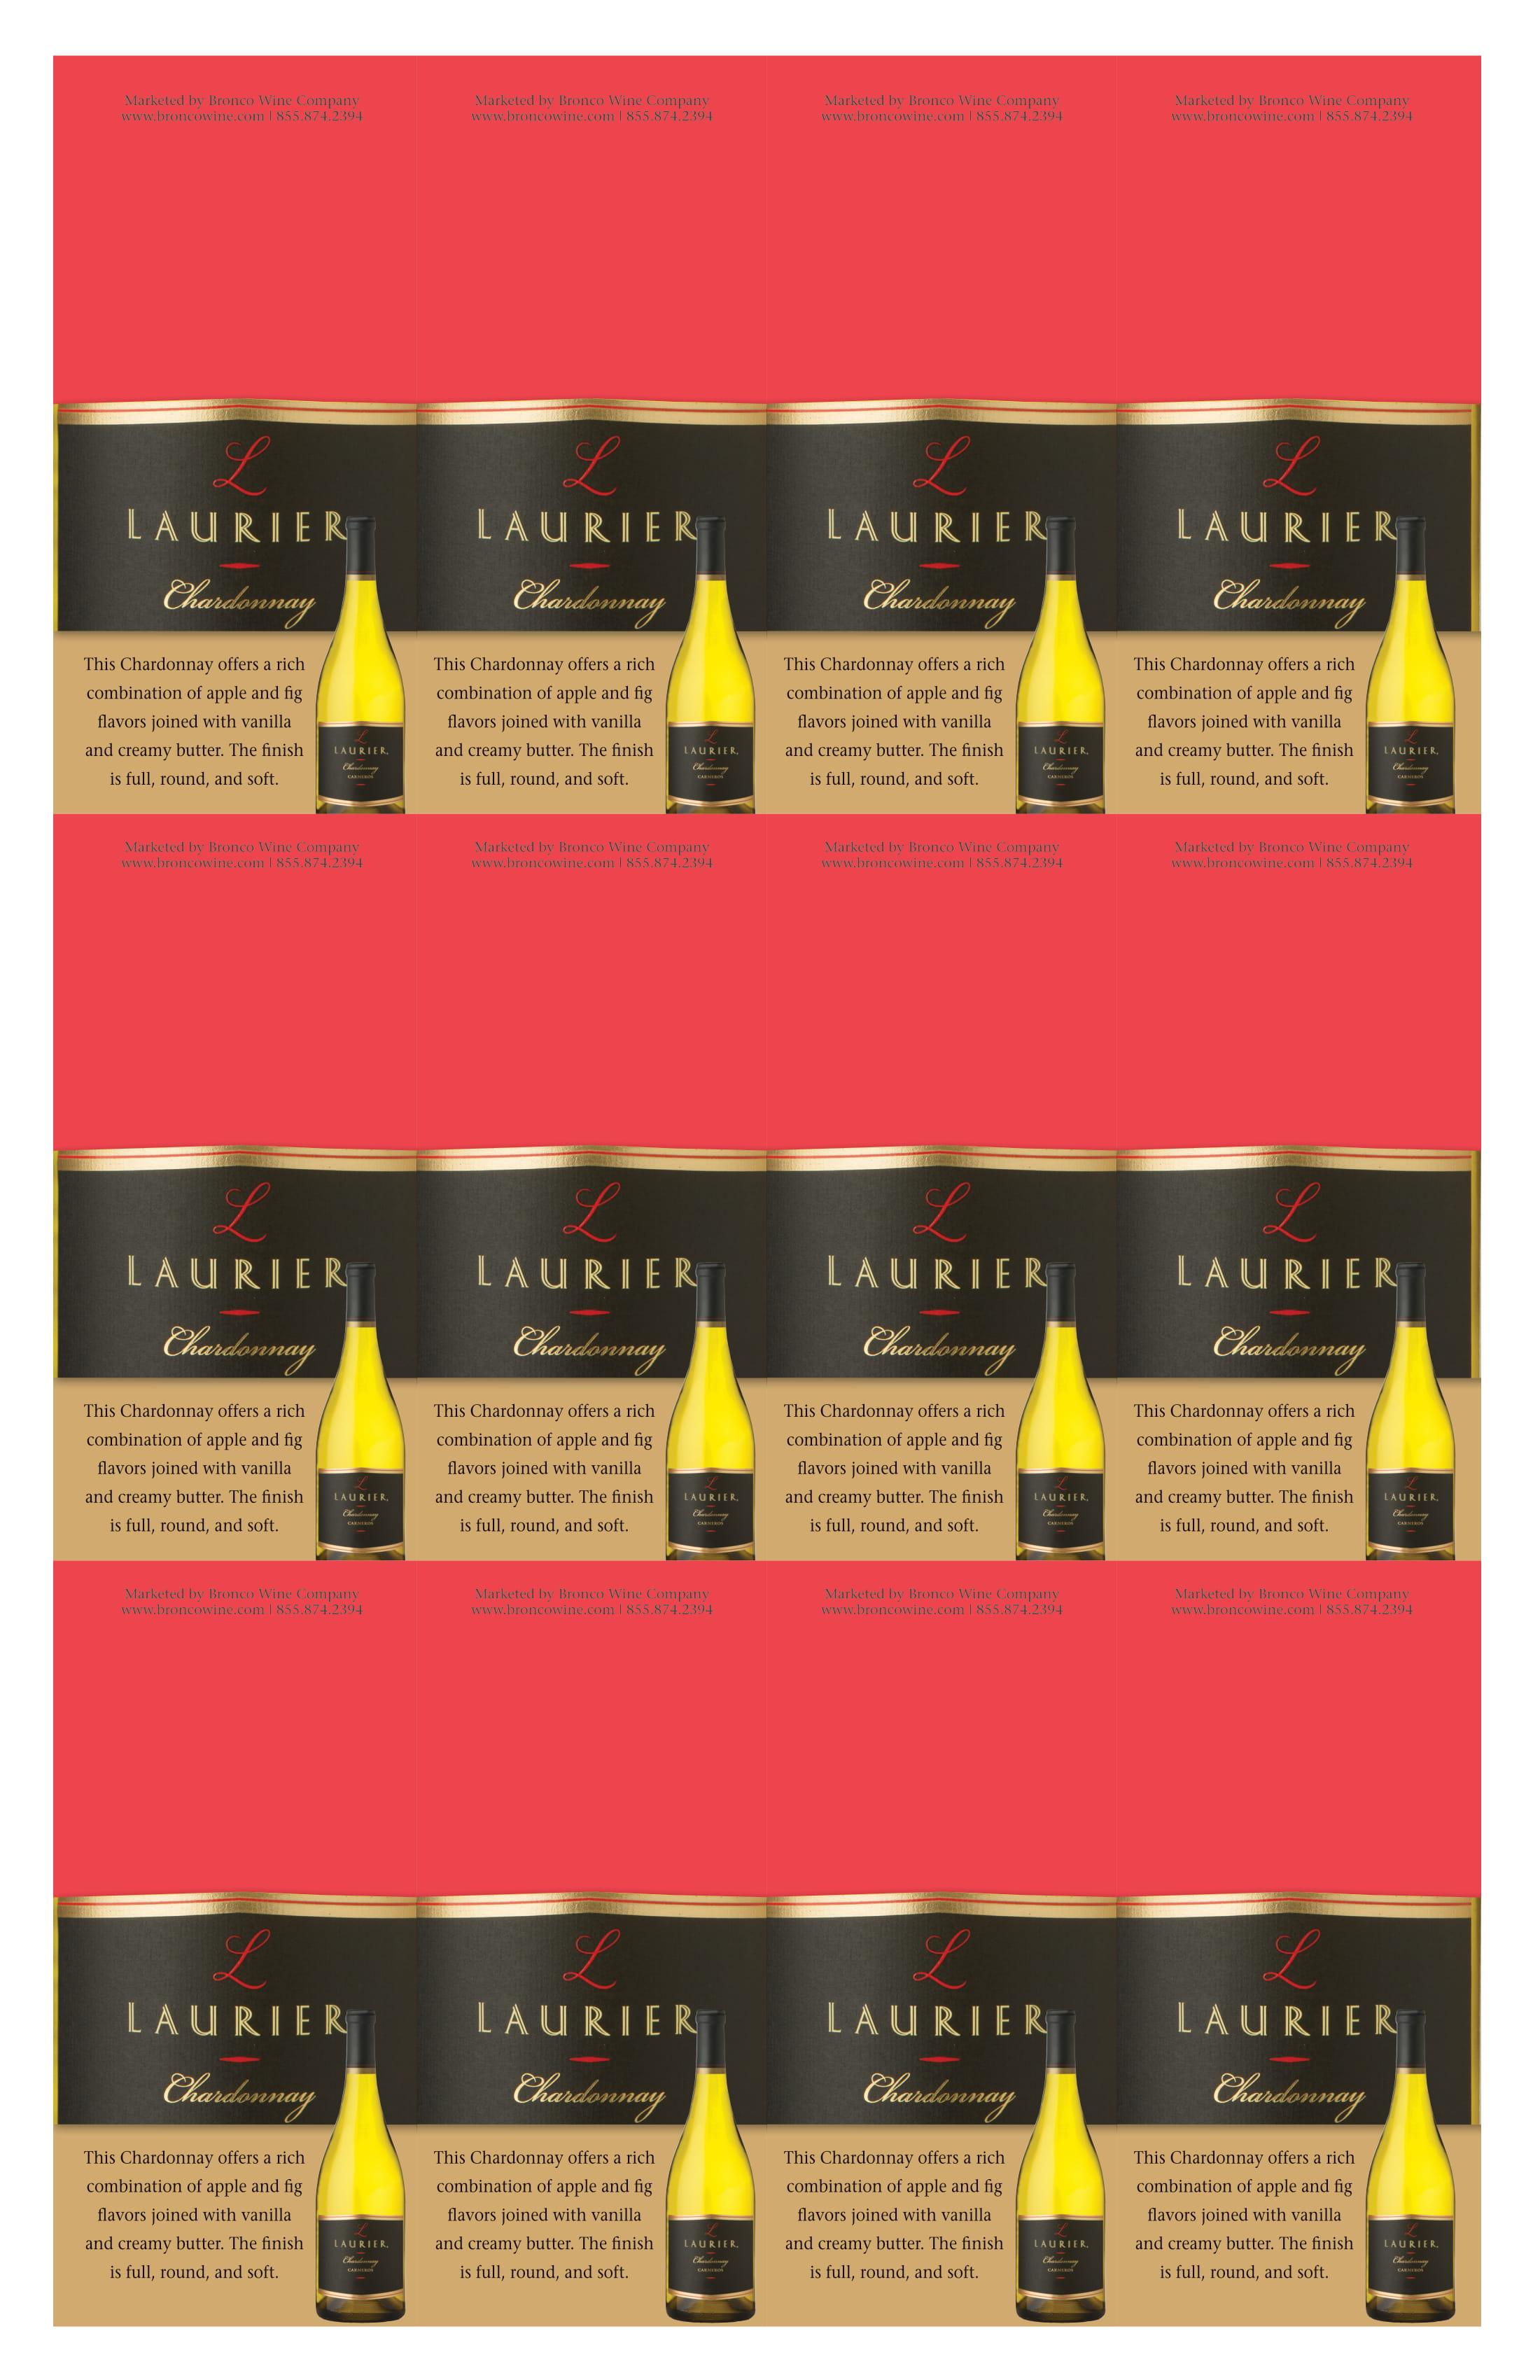 Laurier Chardonnay Necker